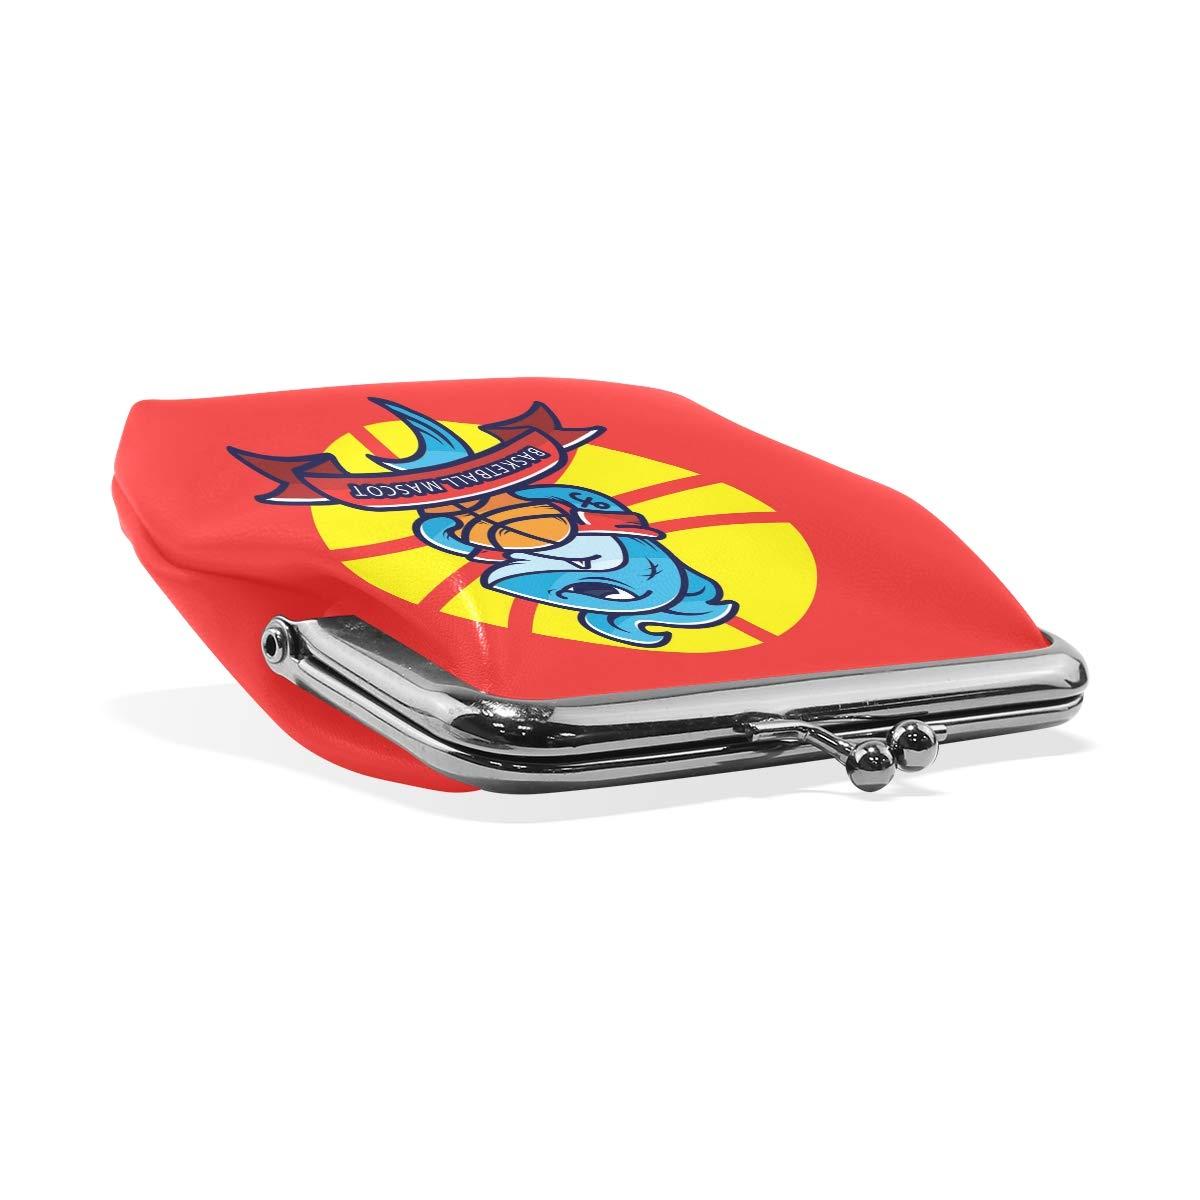 LALATOP Basketball Mascot Womens Coin Pouch Purse wallet Card Holder Clutch Handbag